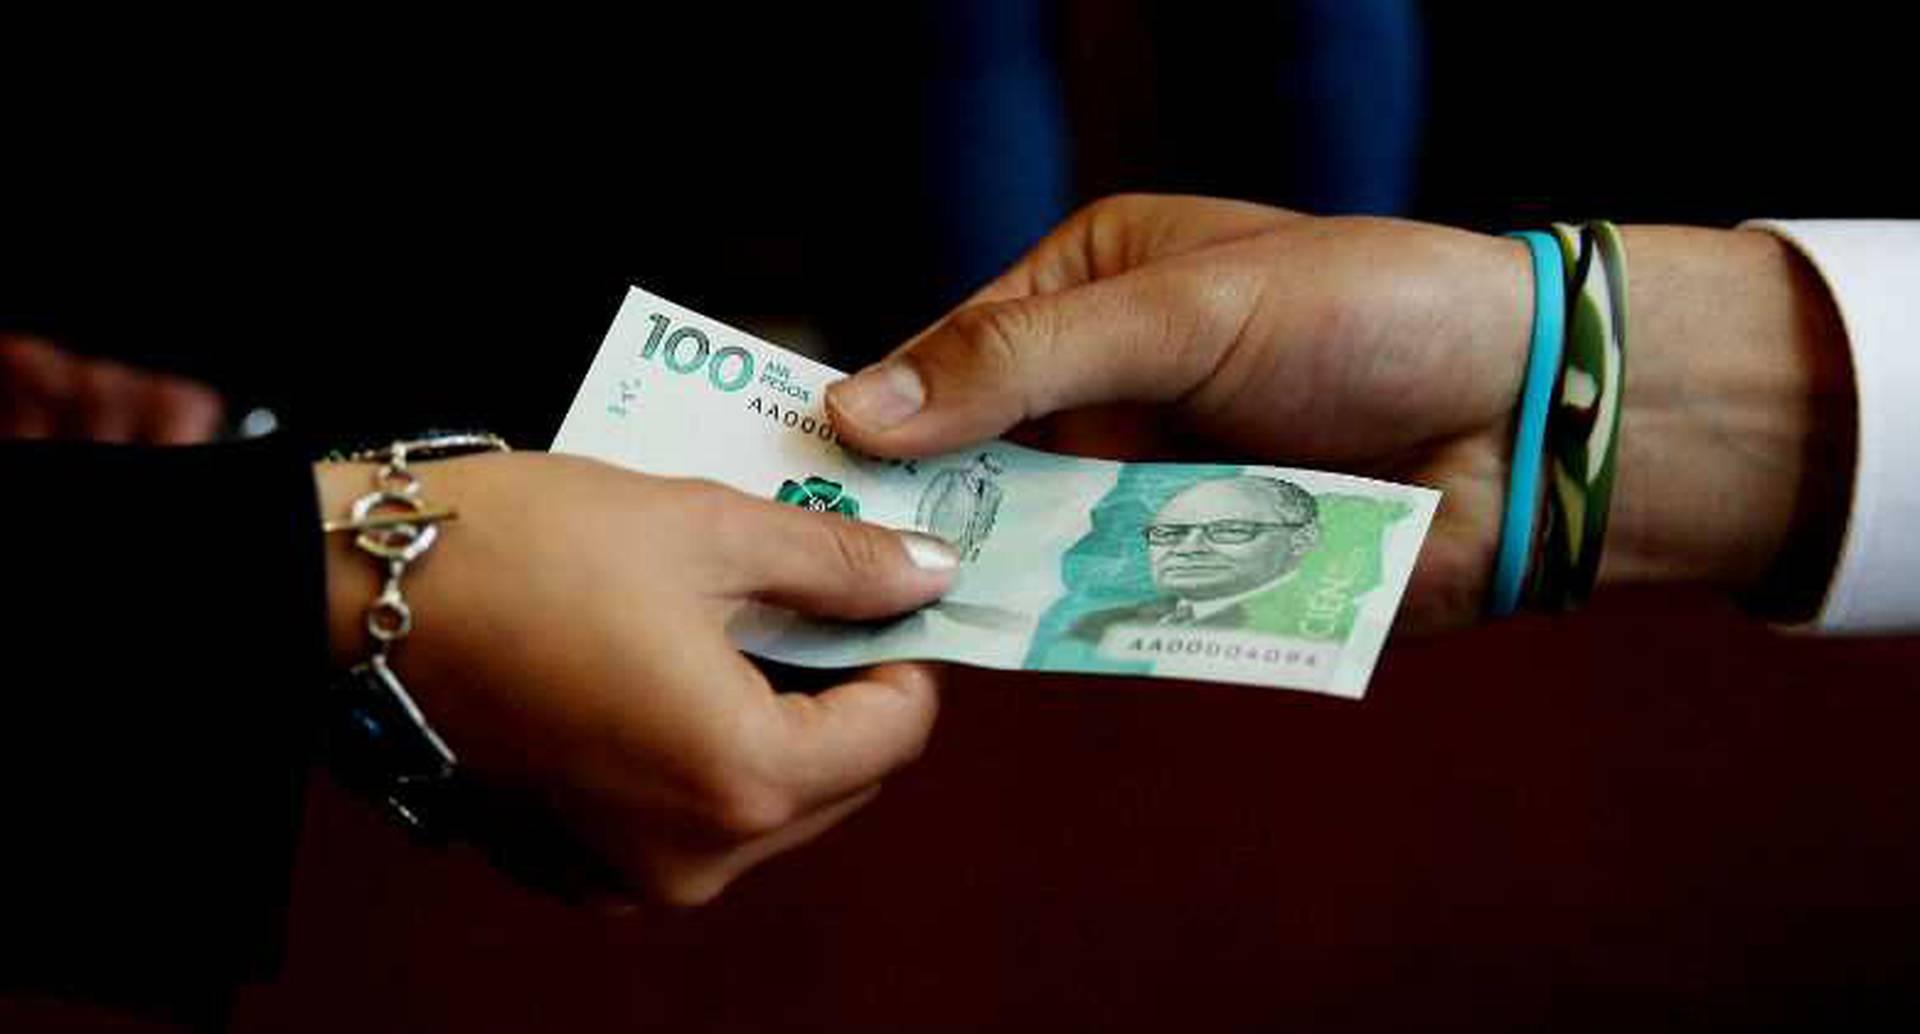 El billete de 100.000 pesos empezó a circular este 31 de marzo.